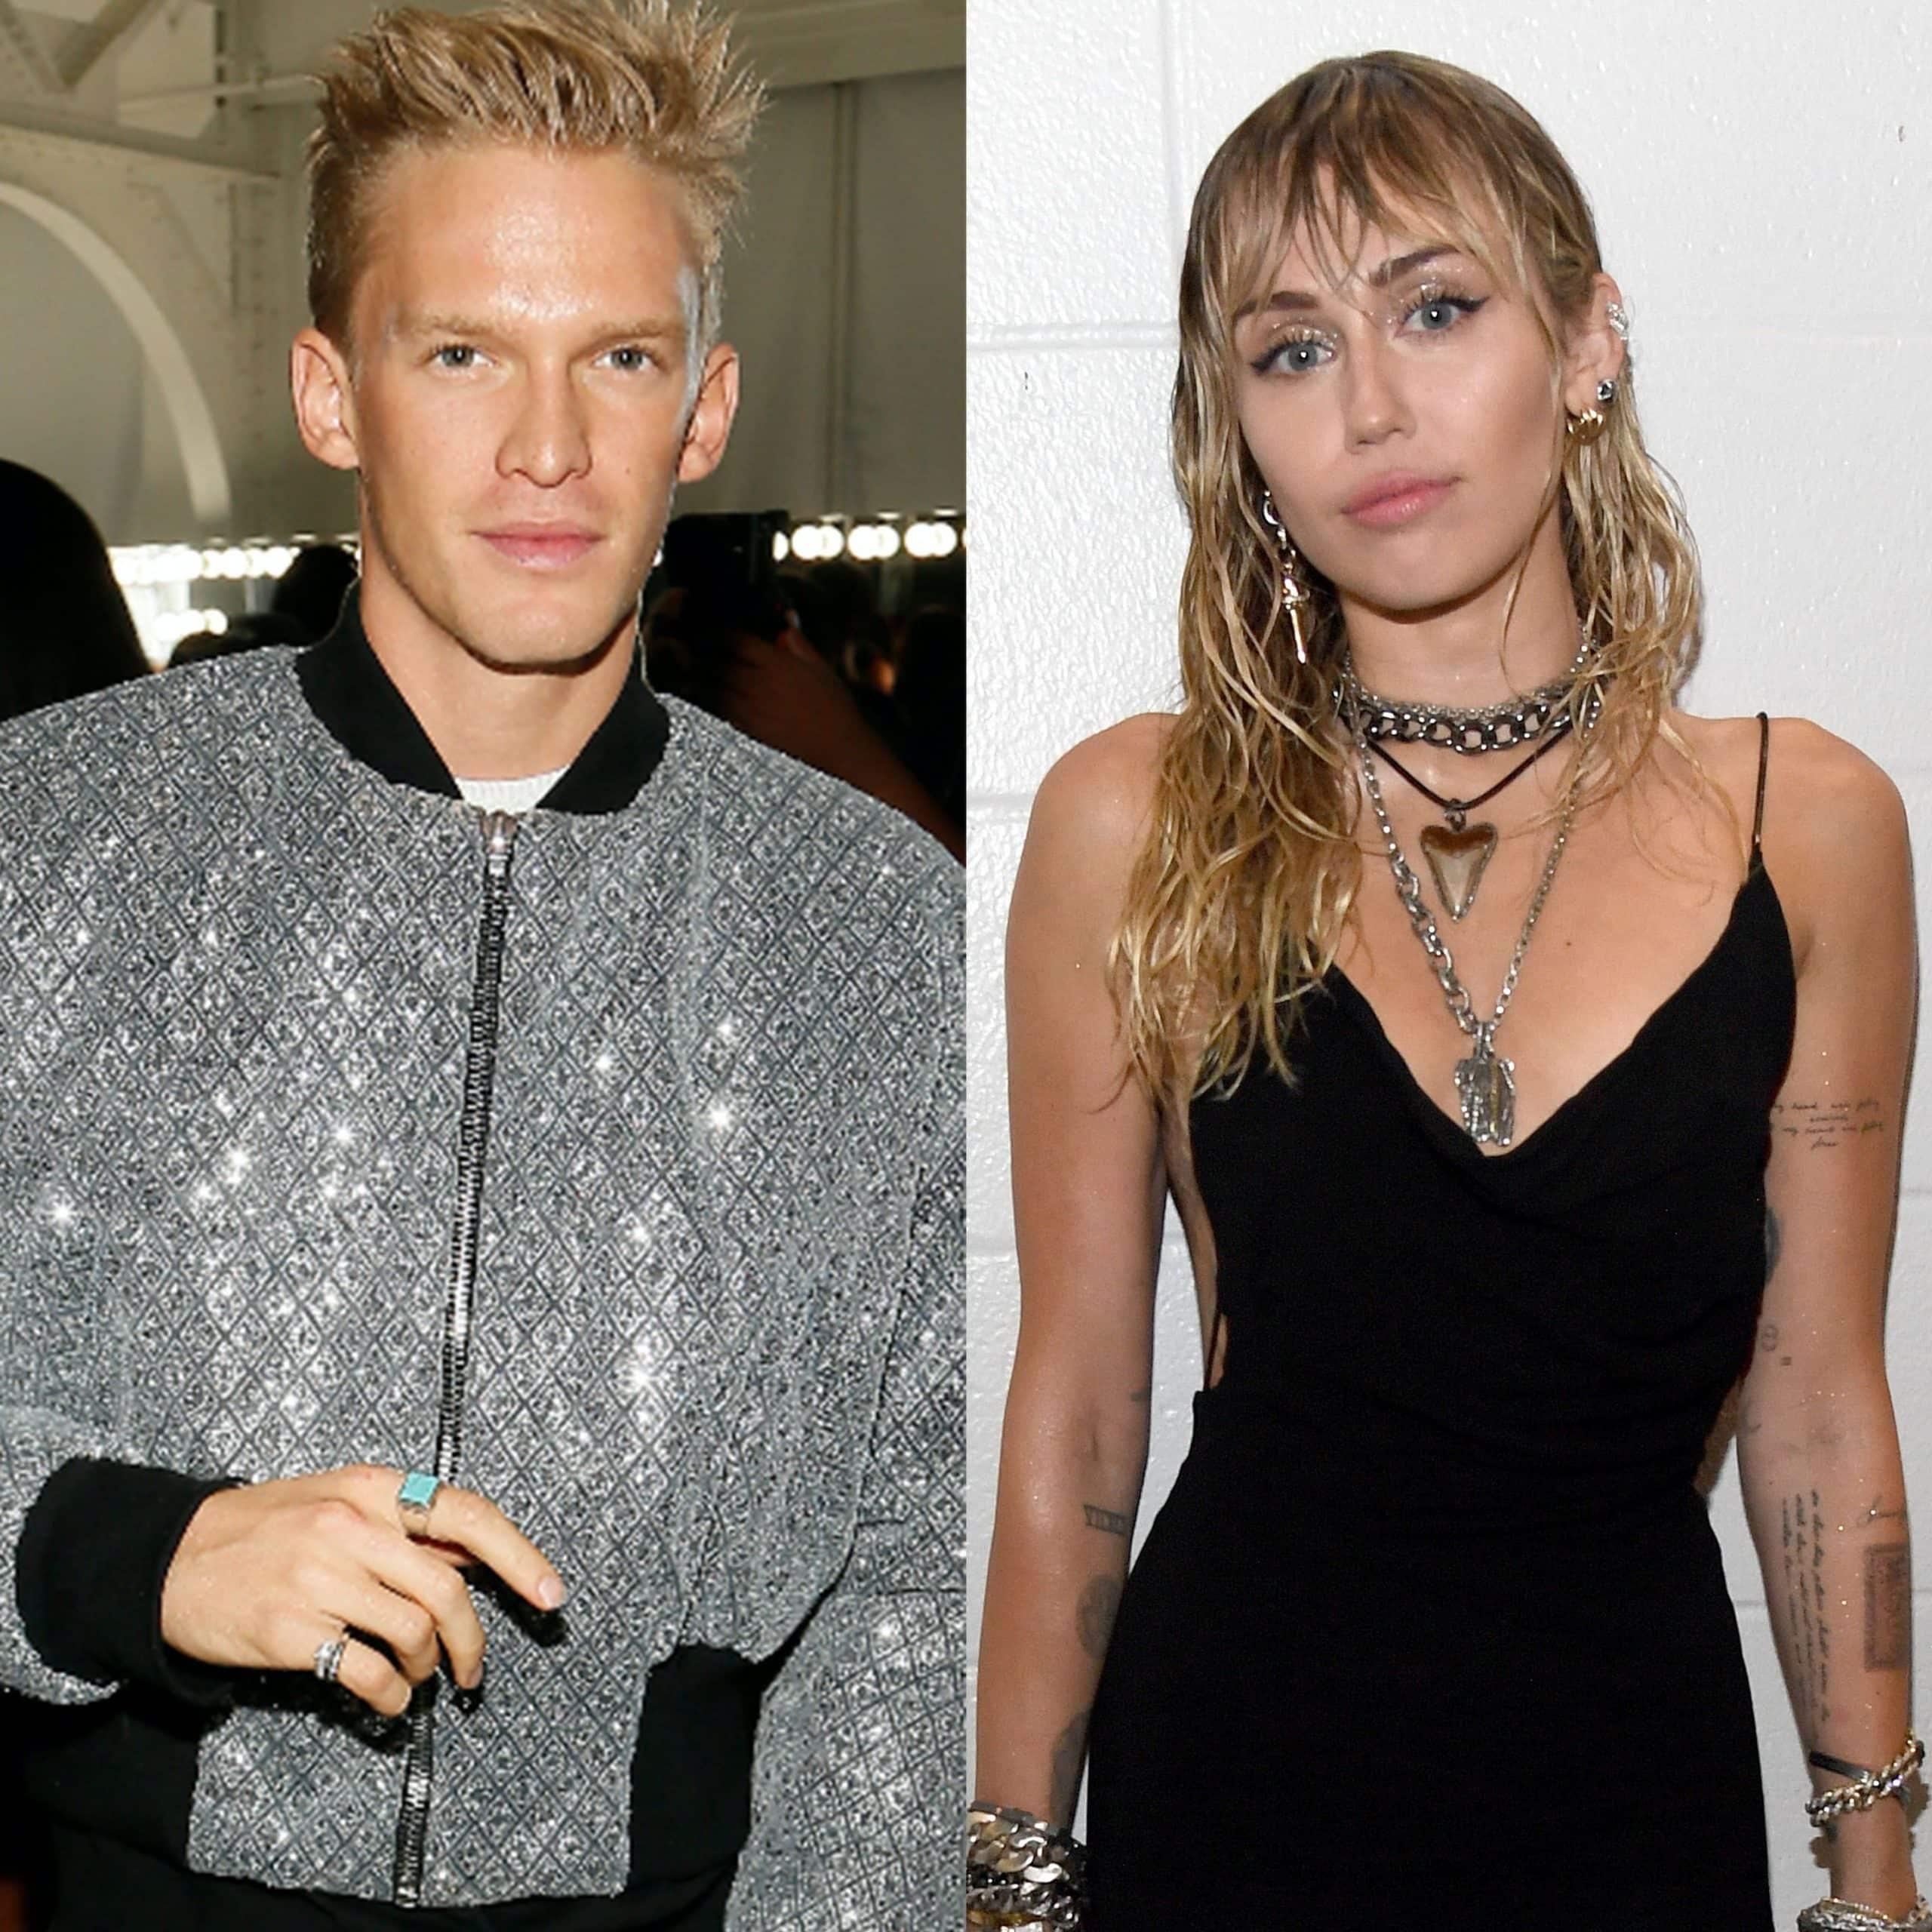 Miley Cyrus și Cody Simpson s-au despărțit! Cântăteața a făcut anunțul